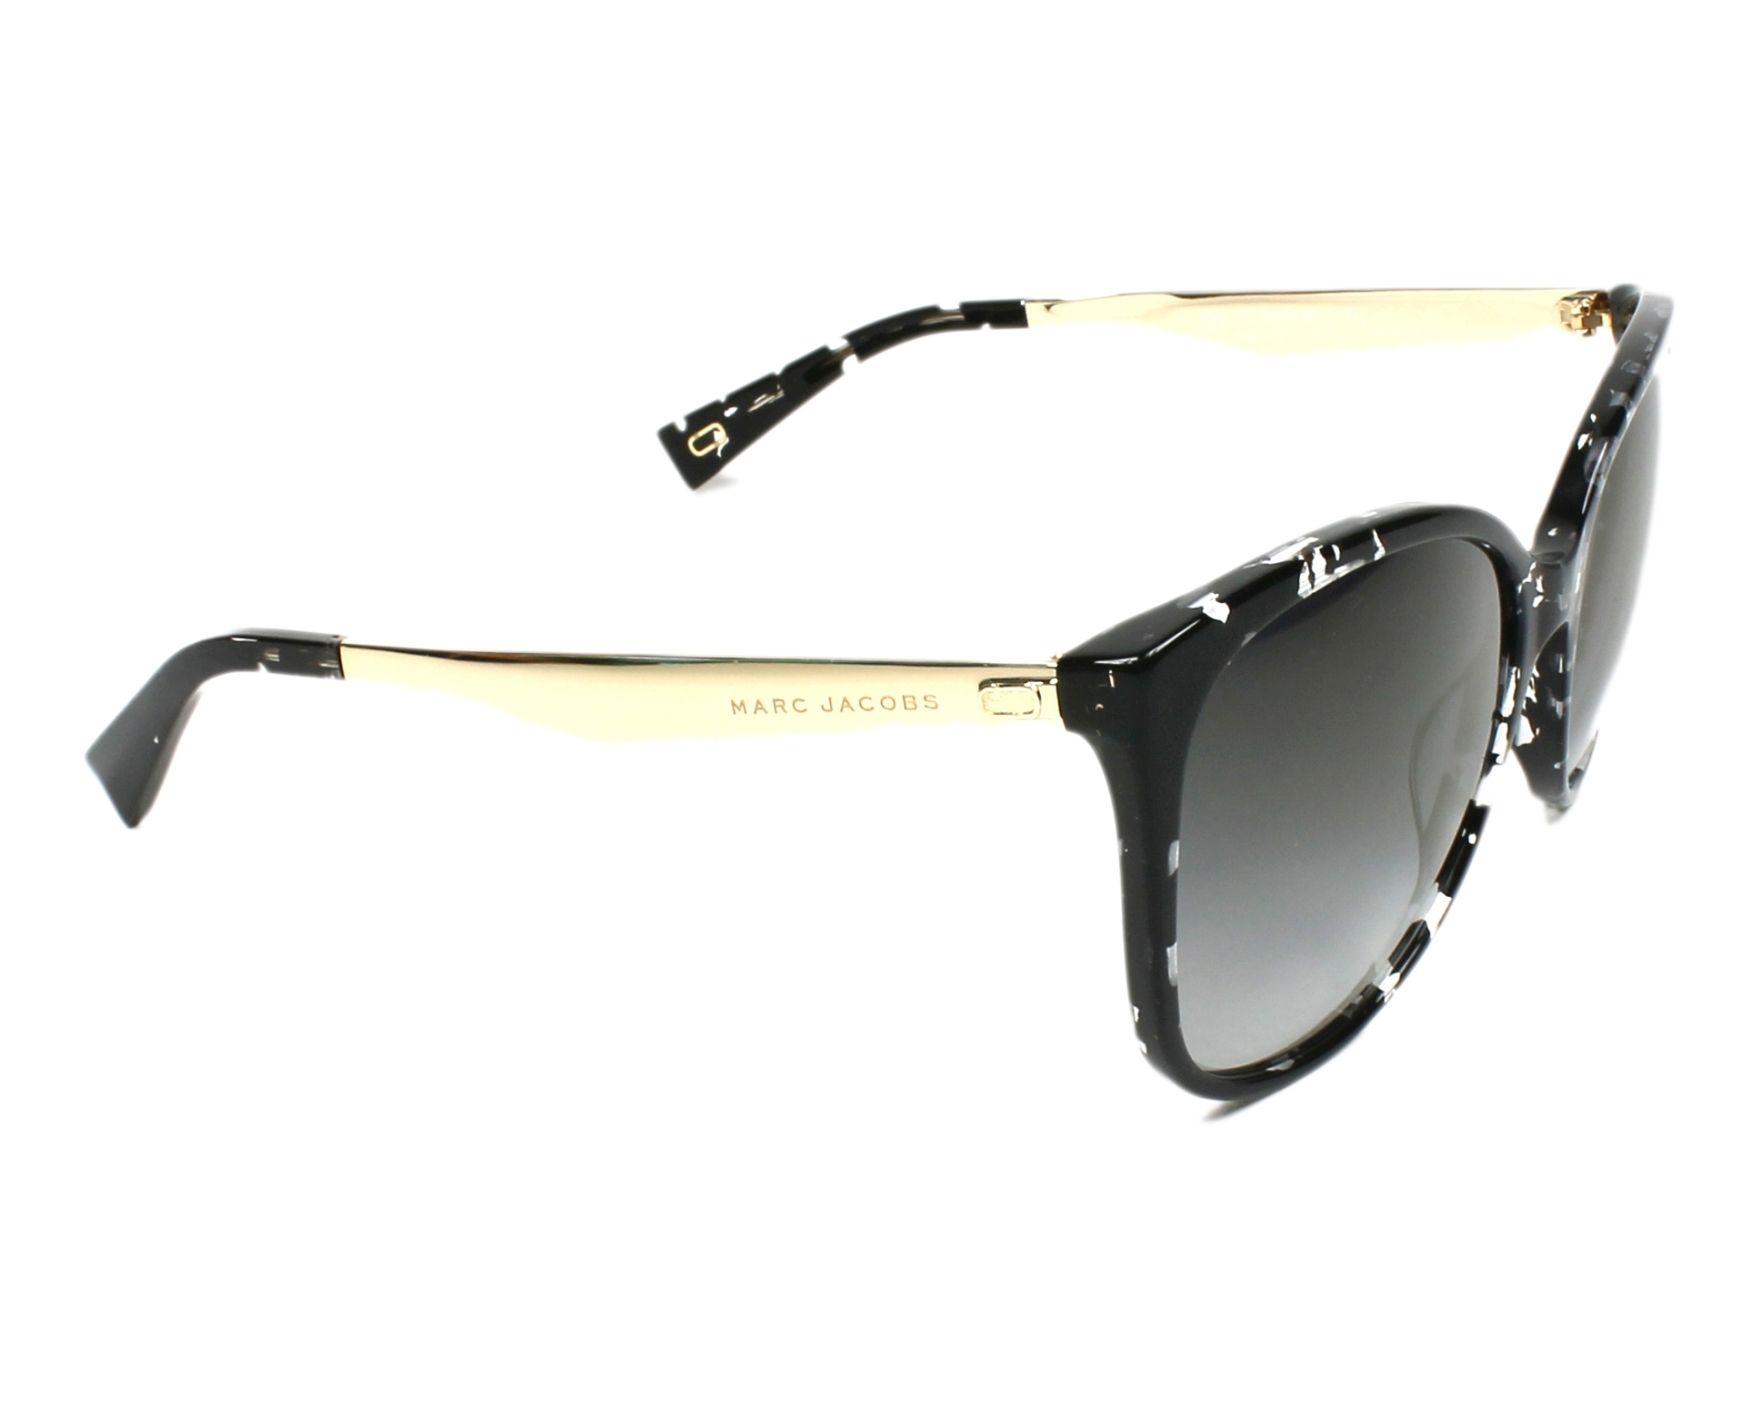 588f7ef4d077d Lunettes de soleil Marc Jacobs MARC-203-S 9WZ FQ - Noir Cristal